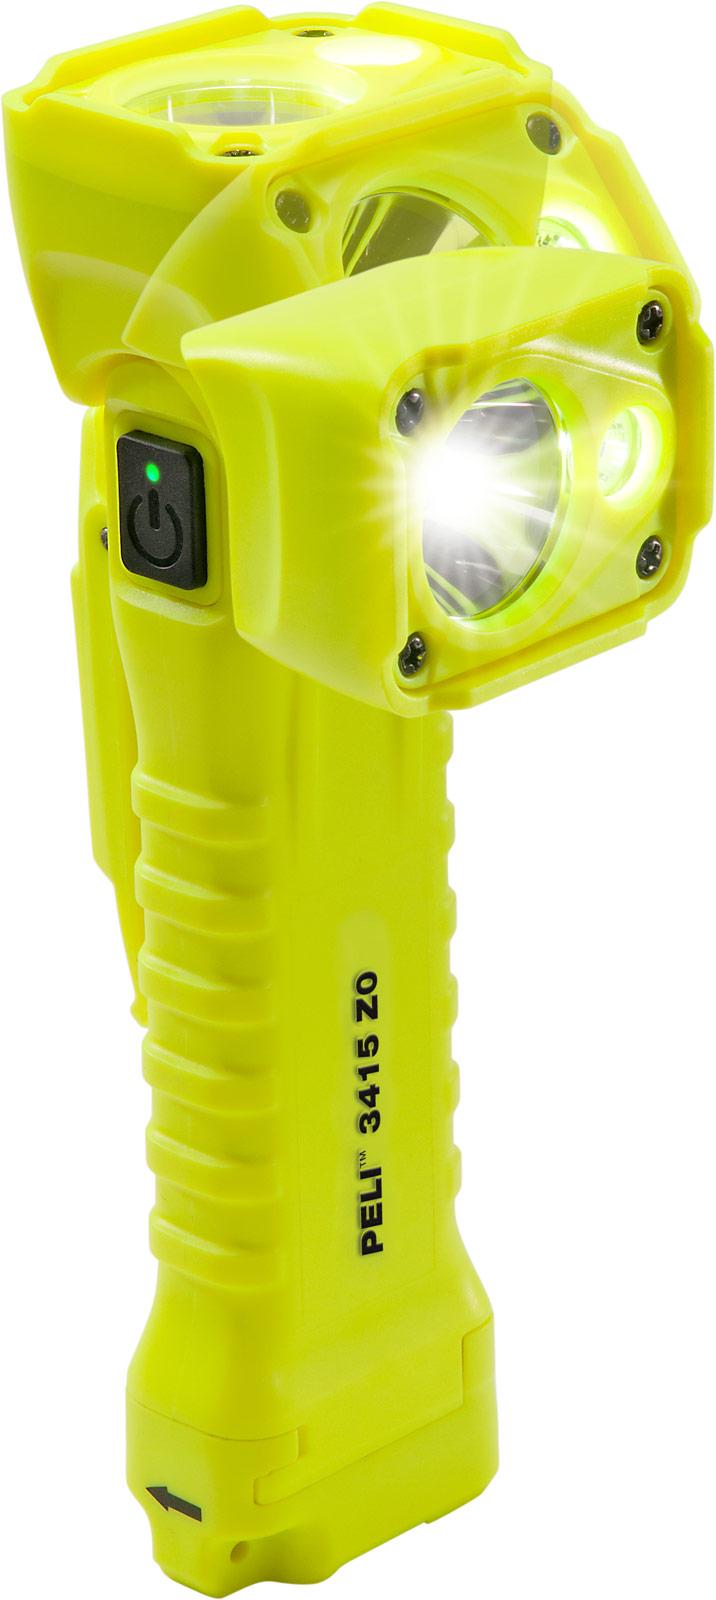 peli atex safety flashlight 3410z0 zone 0